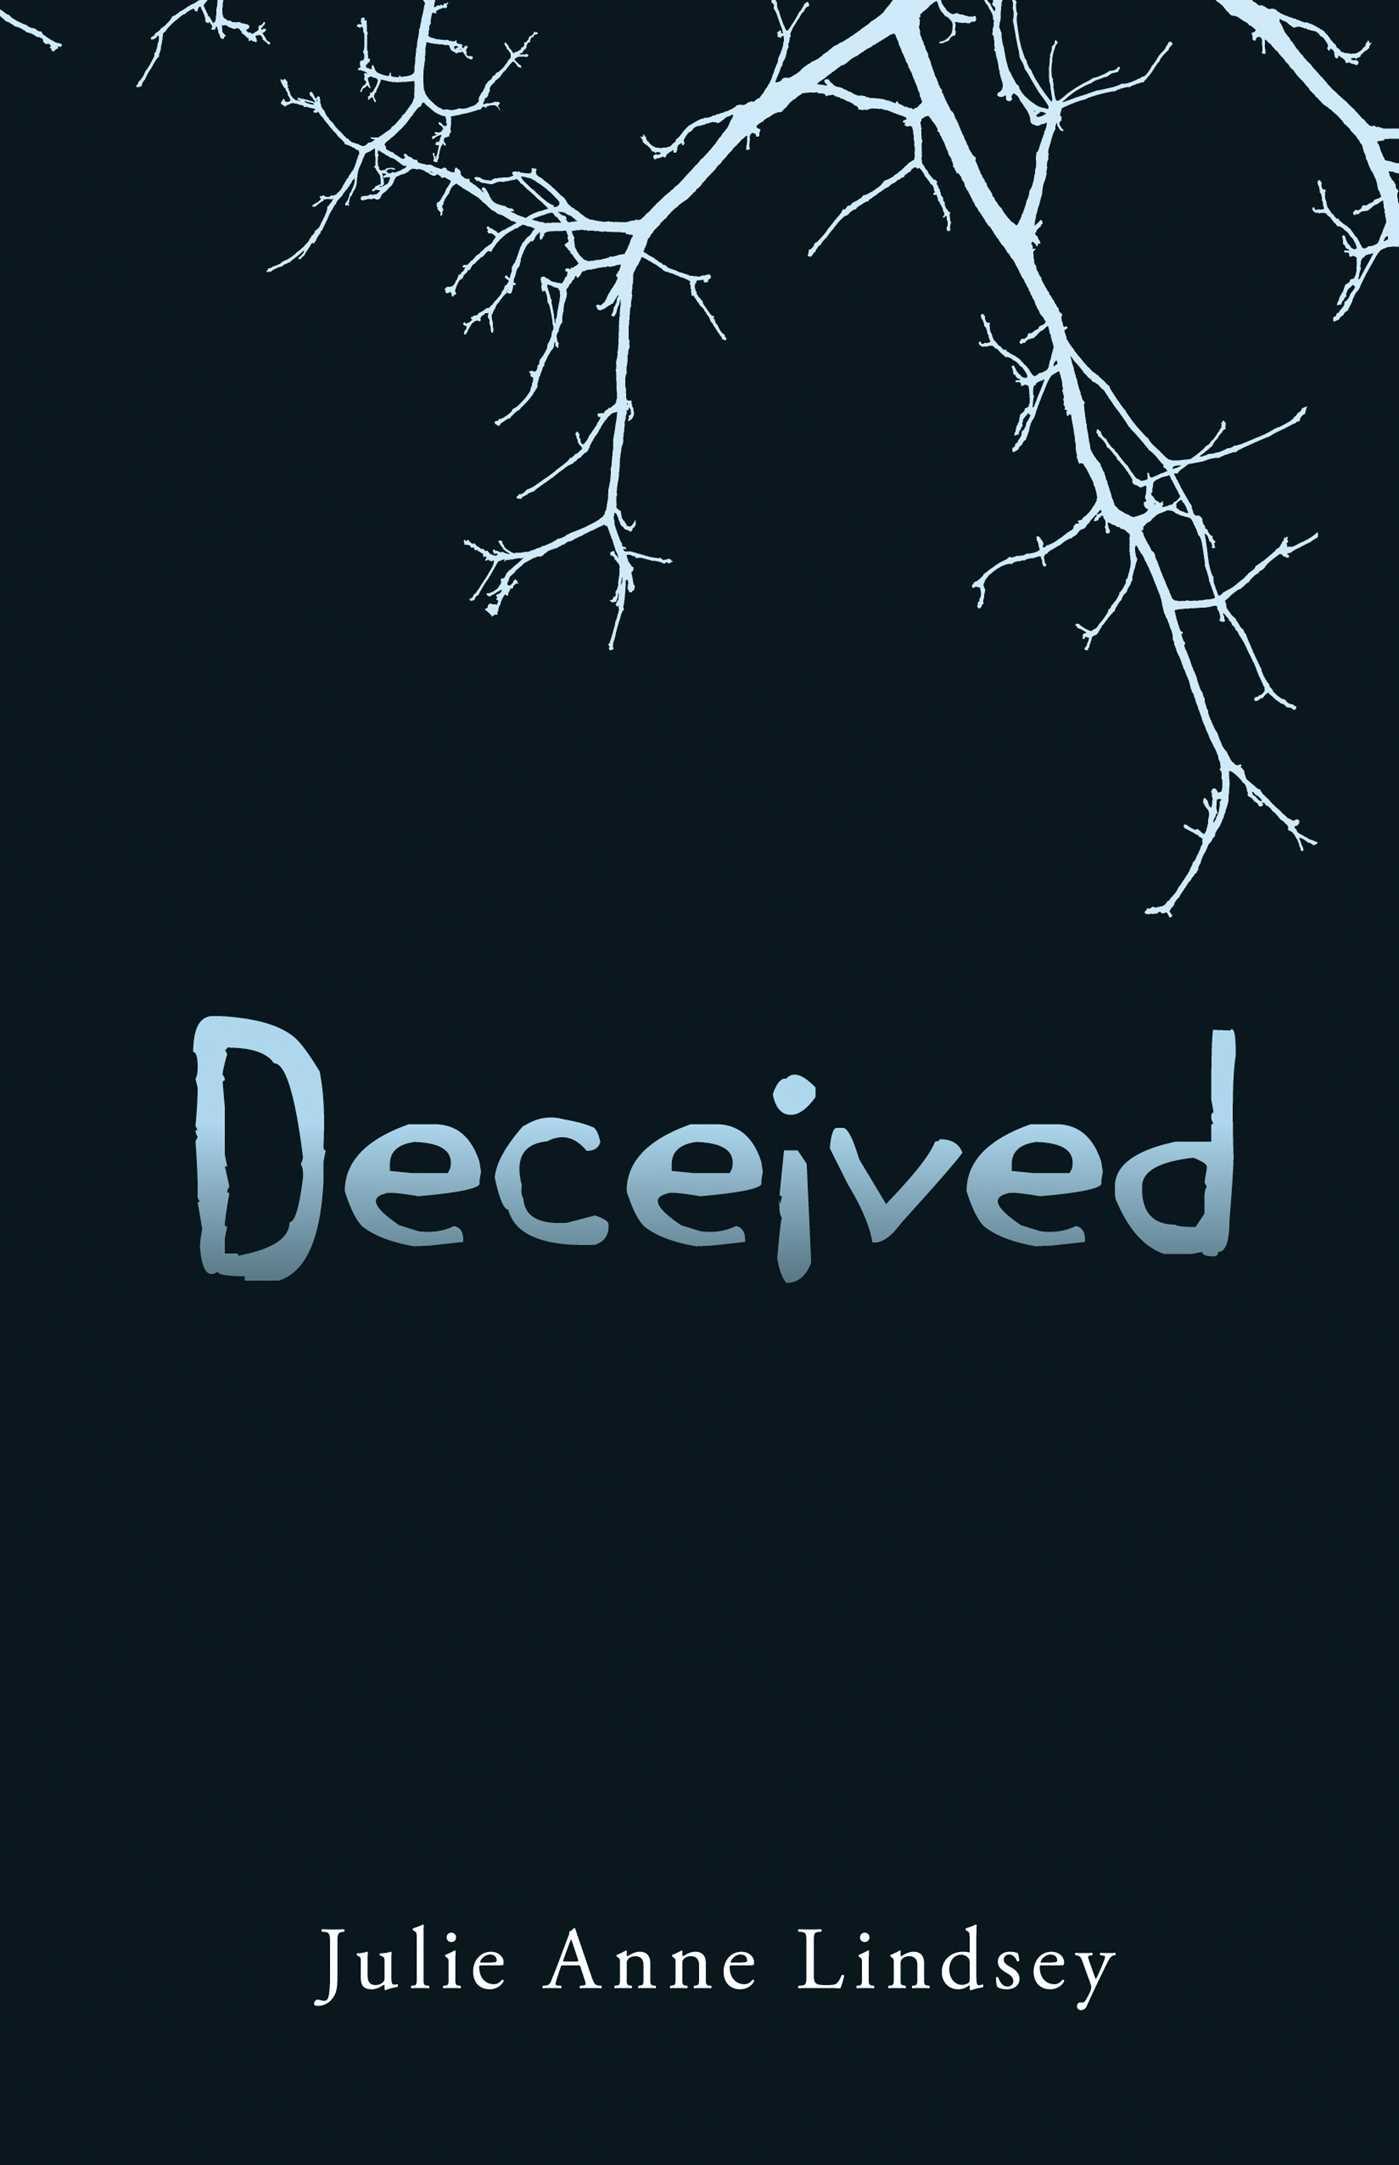 Deceived 9781440563904 hr